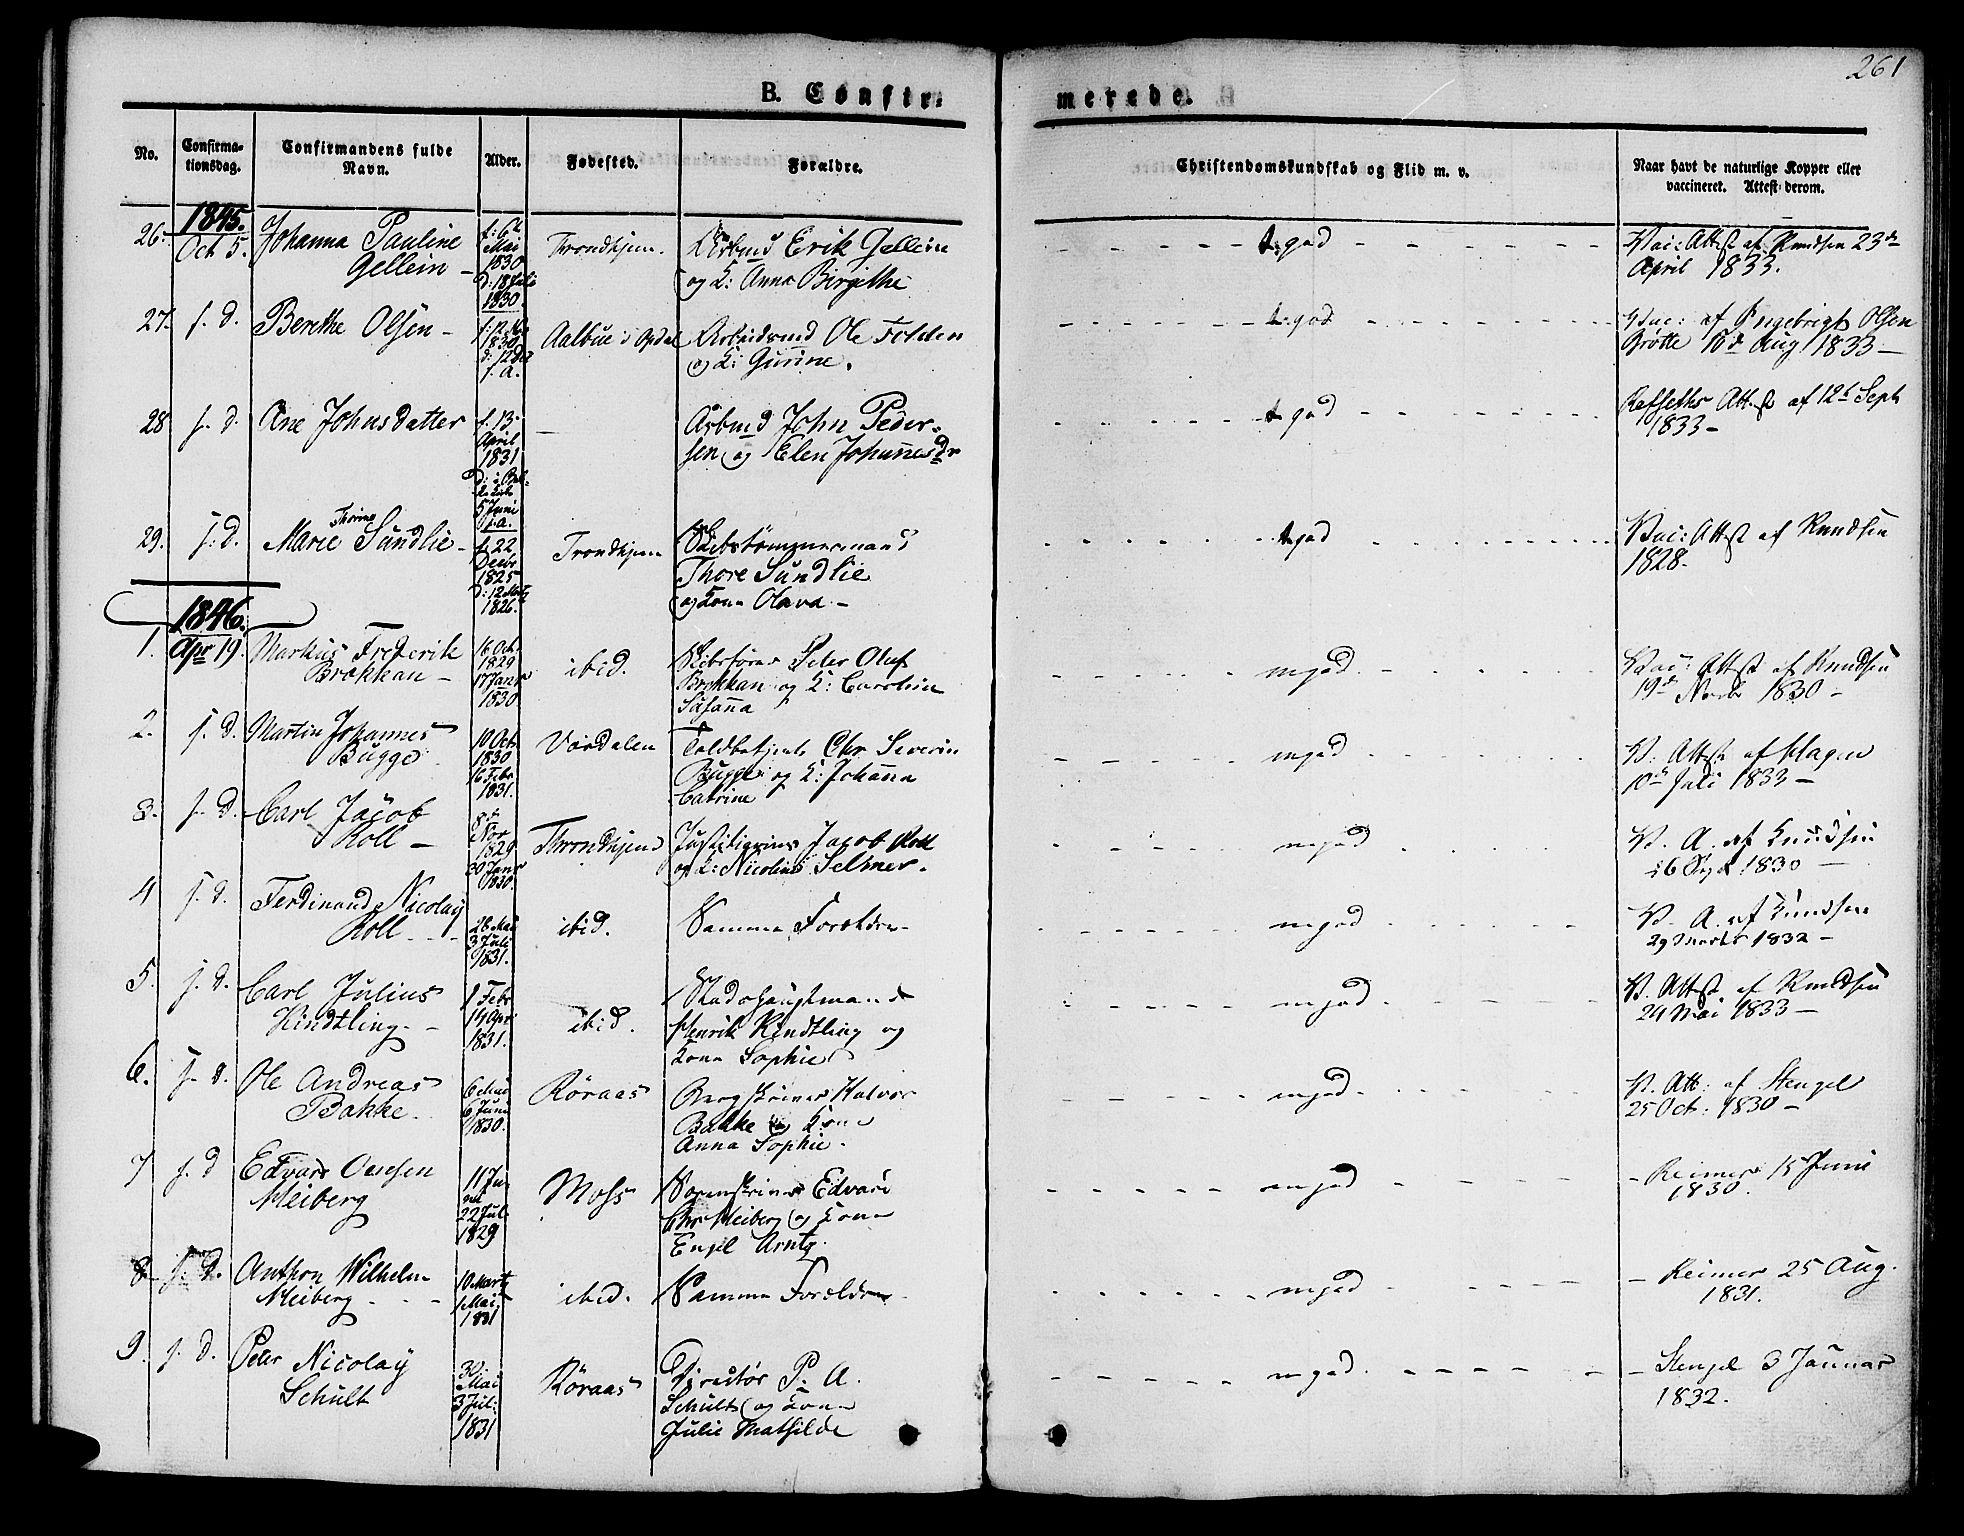 SAT, Ministerialprotokoller, klokkerbøker og fødselsregistre - Sør-Trøndelag, 601/L0048: Ministerialbok nr. 601A16, 1840-1847, s. 261